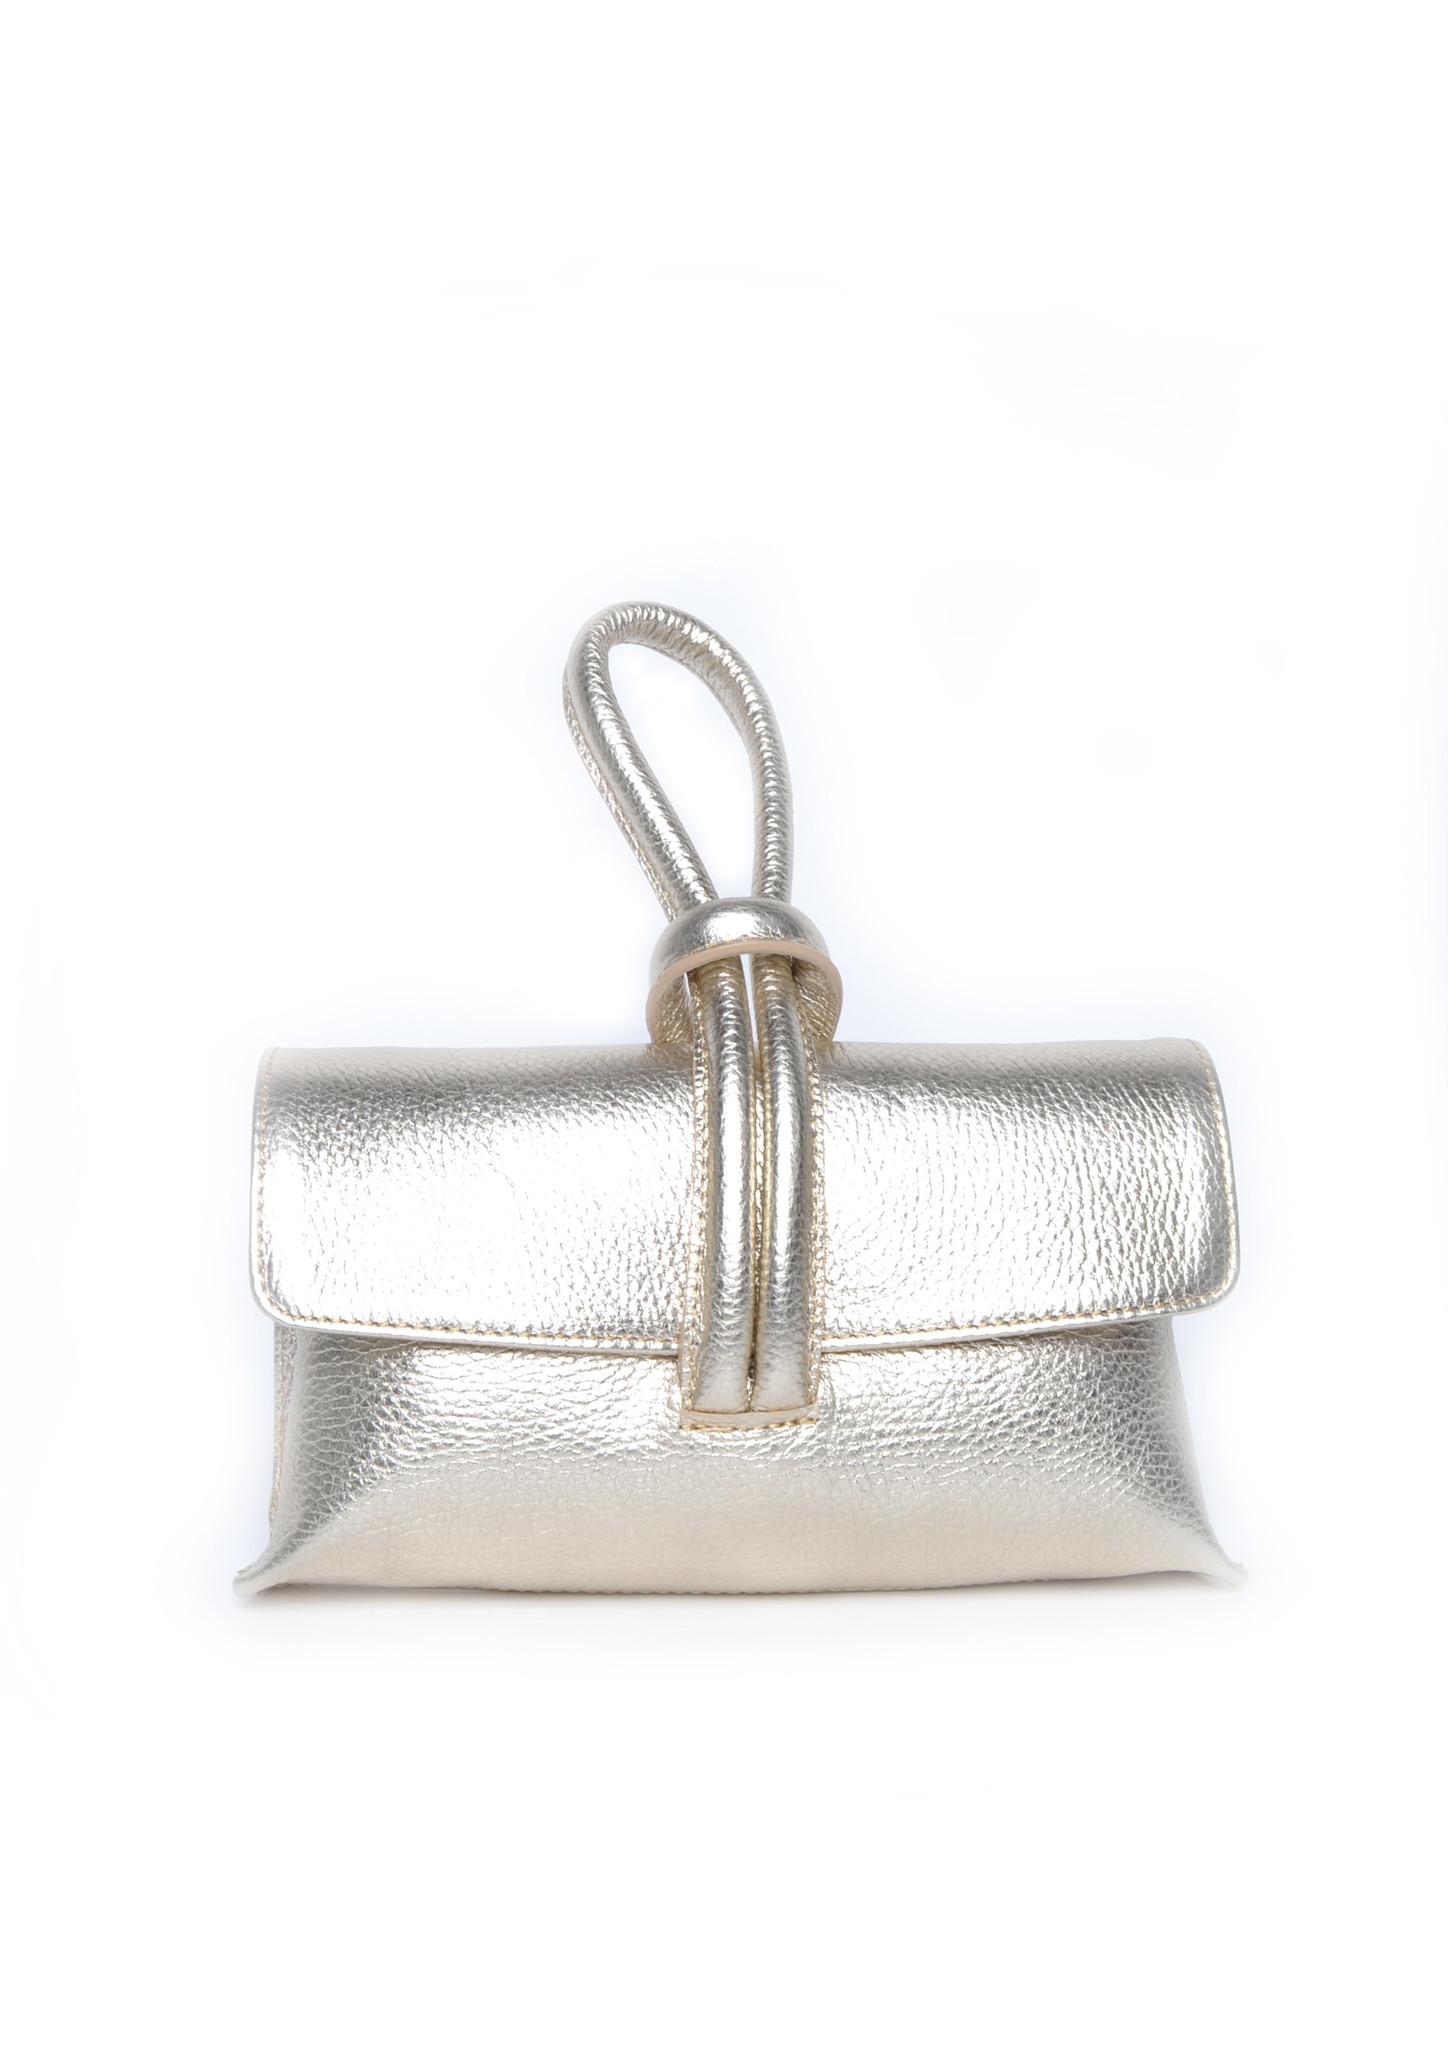 Leren Schoudertas Sandy goud gouden schoudertassen look a like tassen trendy musthave fashion tas giuliano kopen bestellen